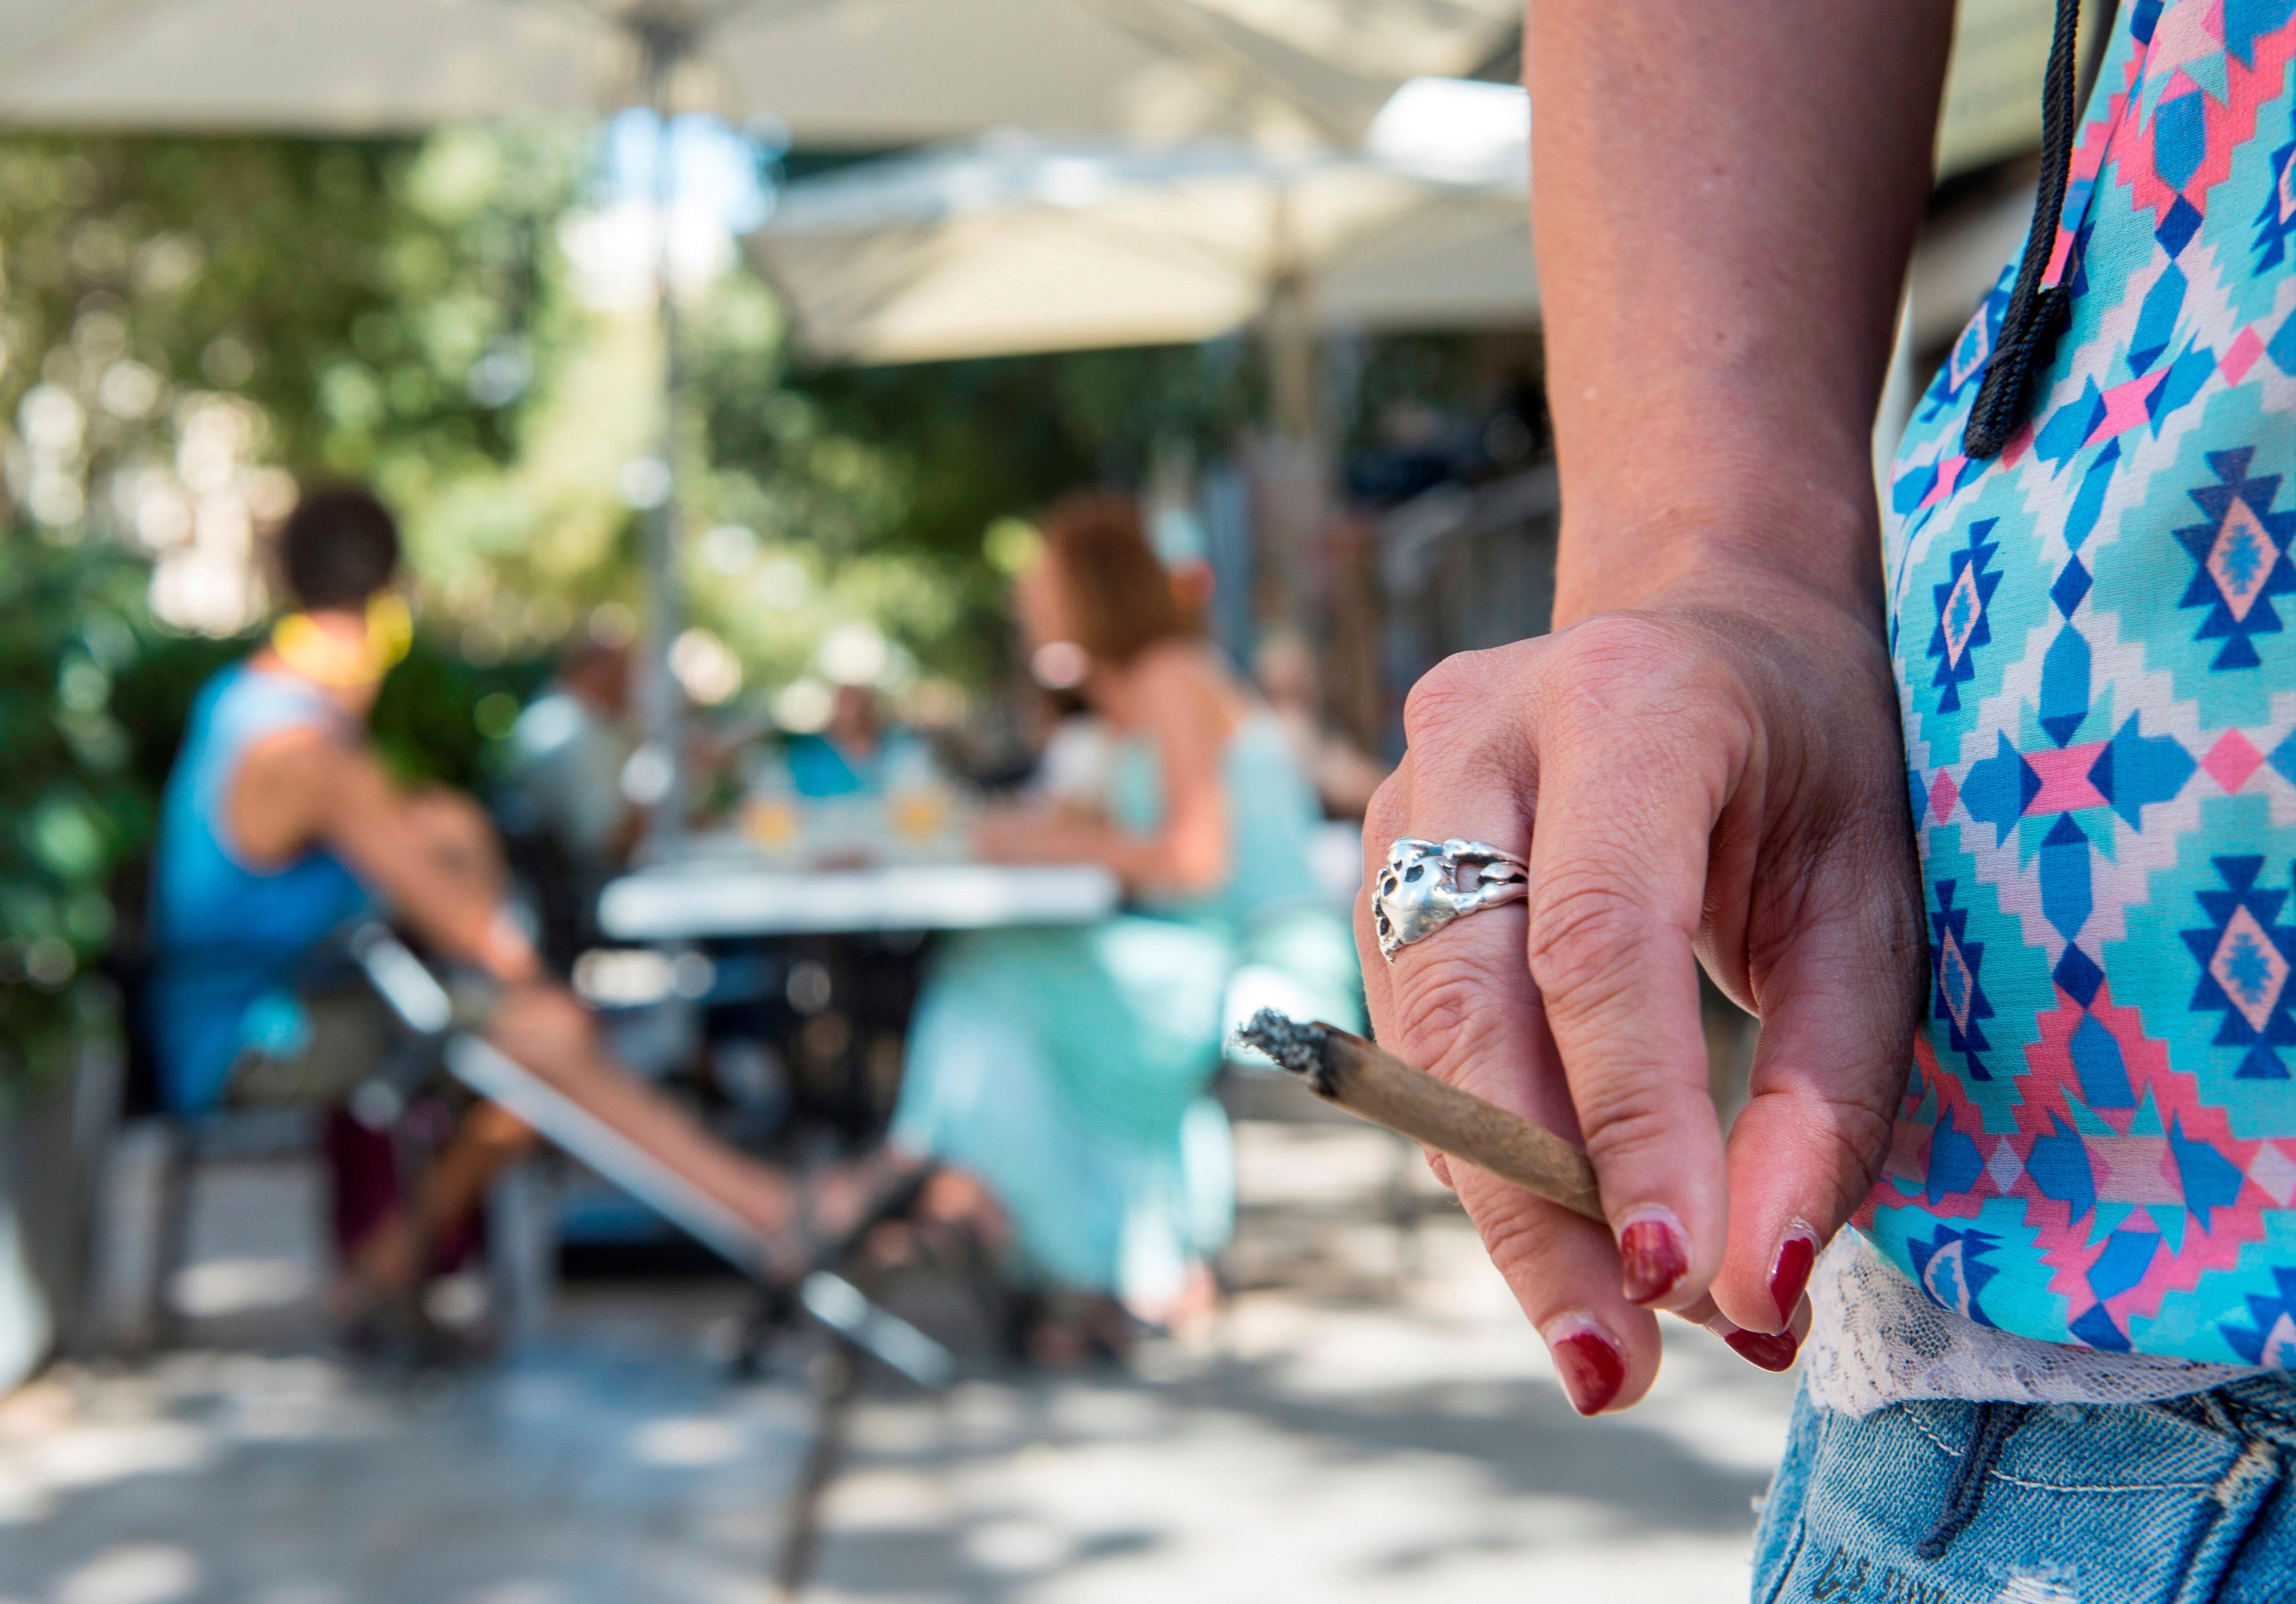 Según un estudio, fumar duplica el riesgo de desarrollar un caso grave de coronavirus y necesitar hospitalización (EFE/ATIENZA/ Archivo)